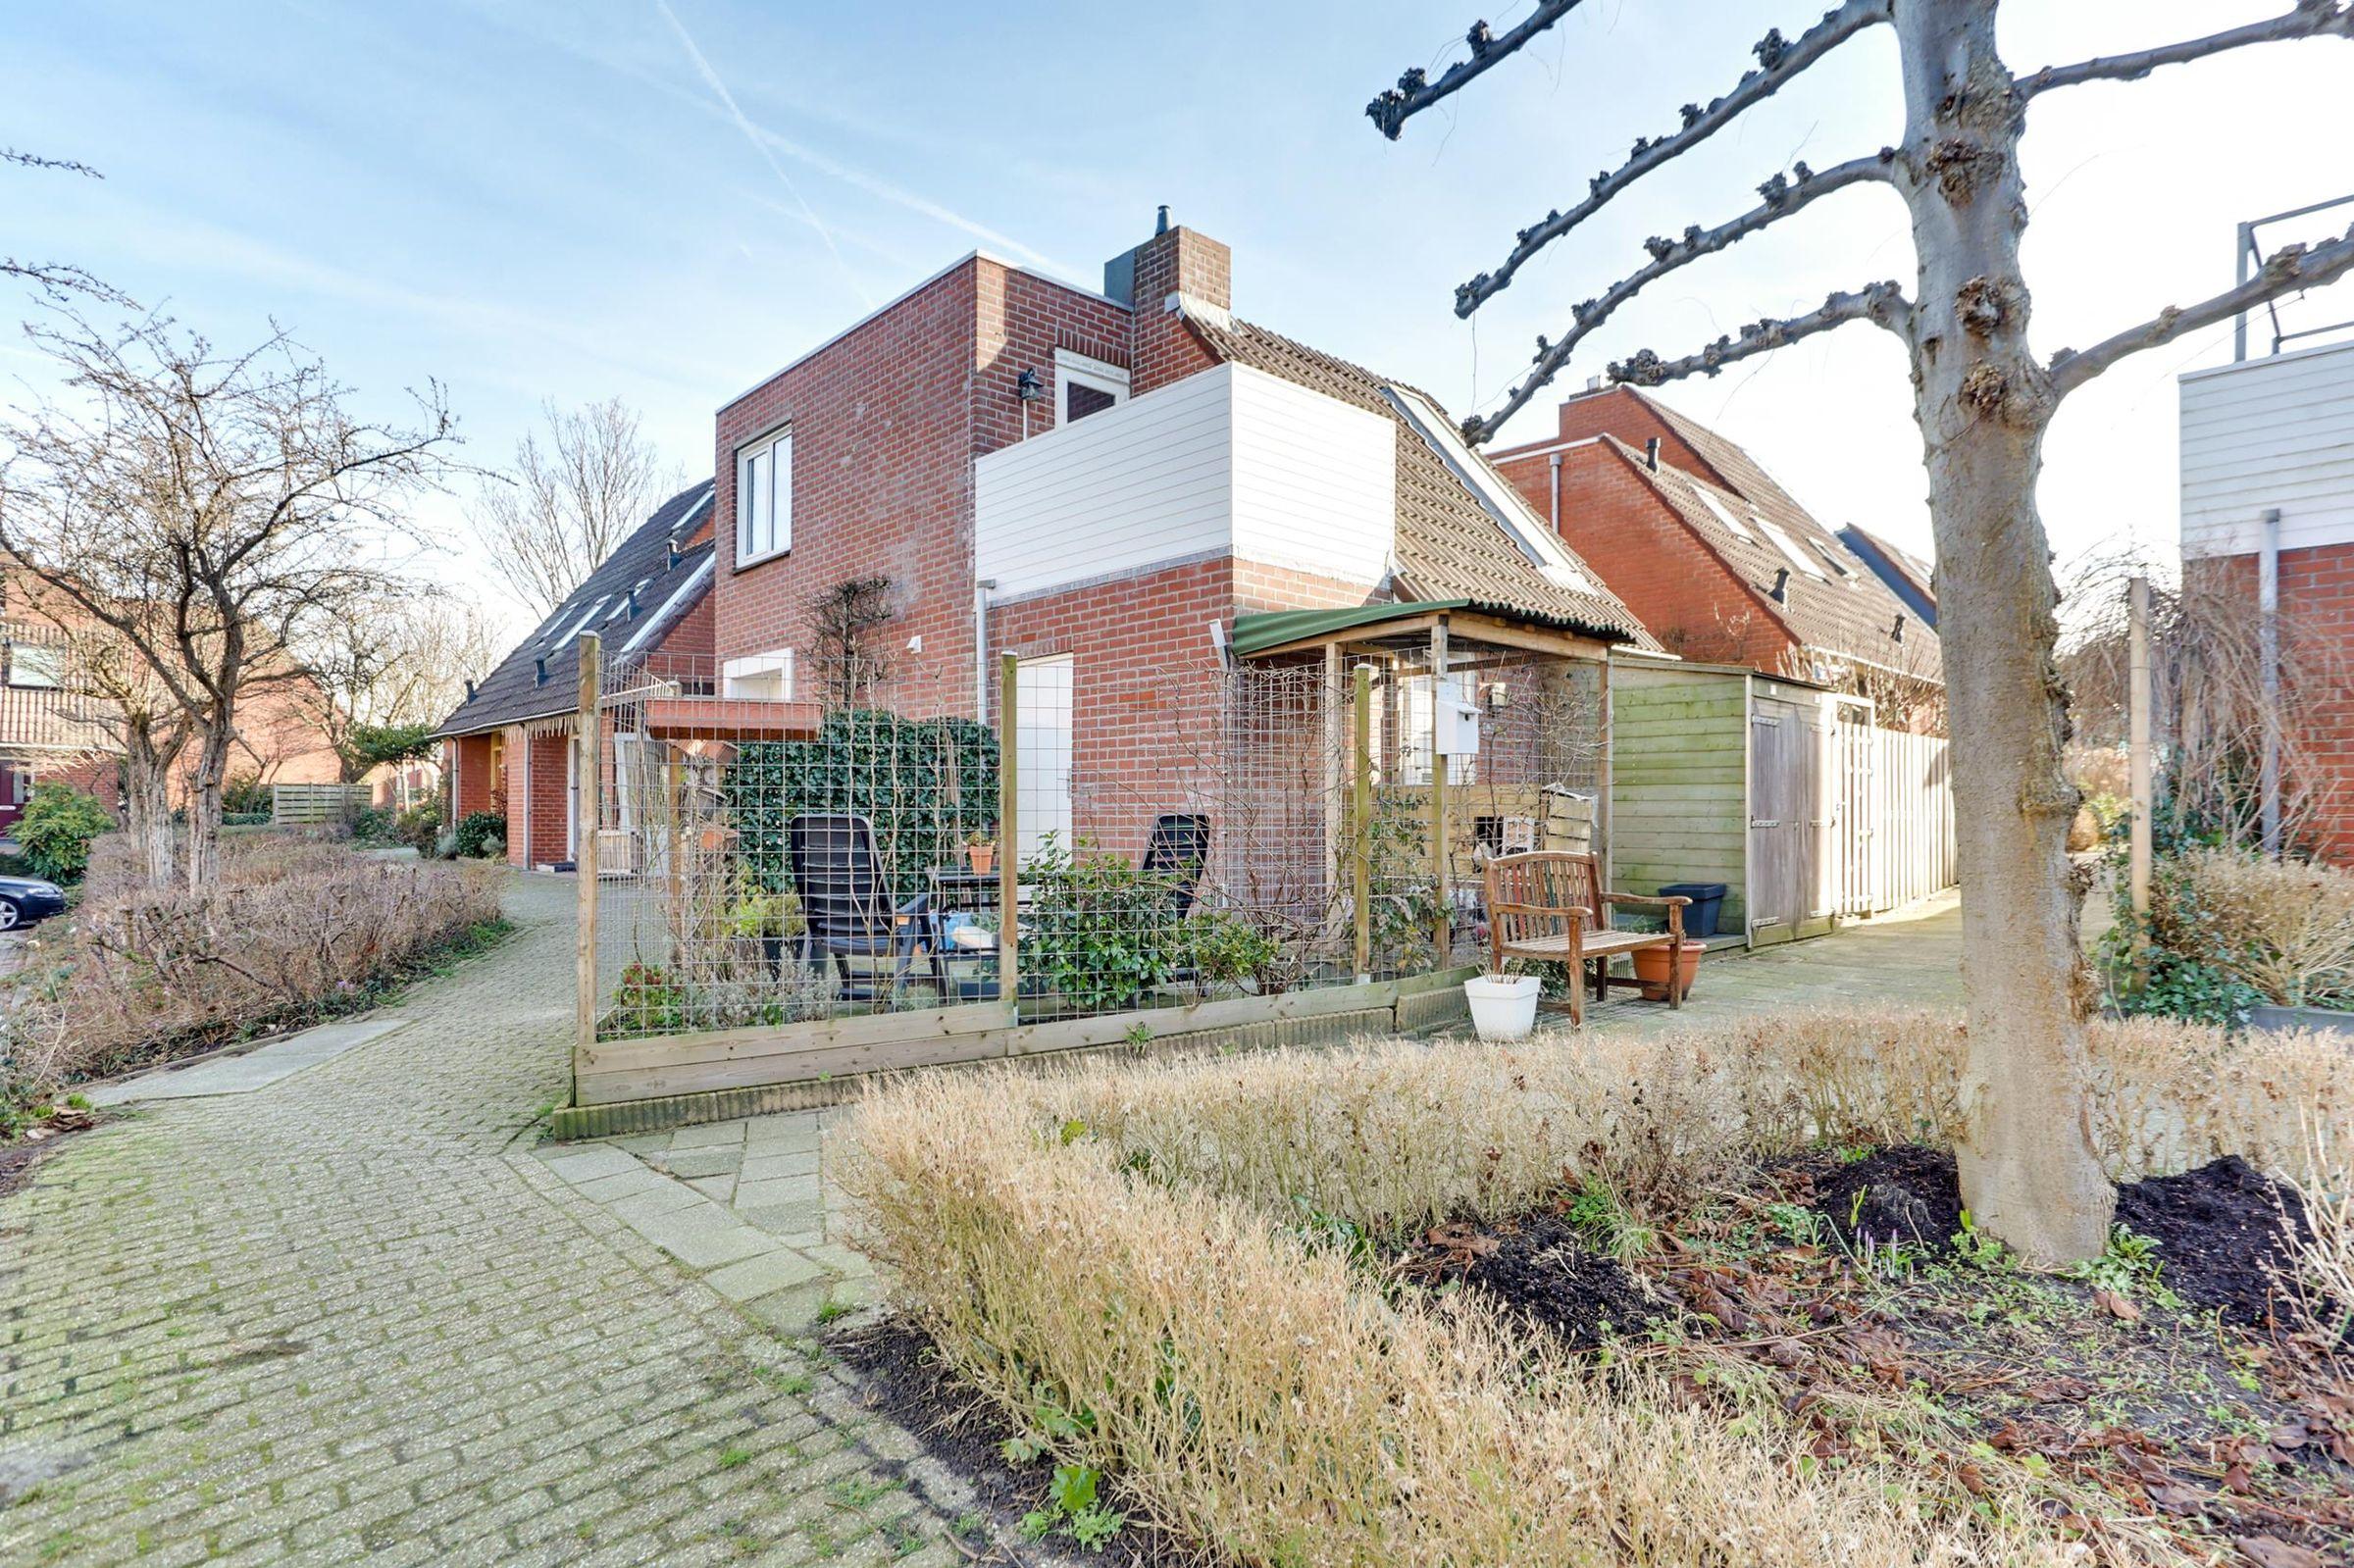 Grondelsloot 55, Zoetermeer